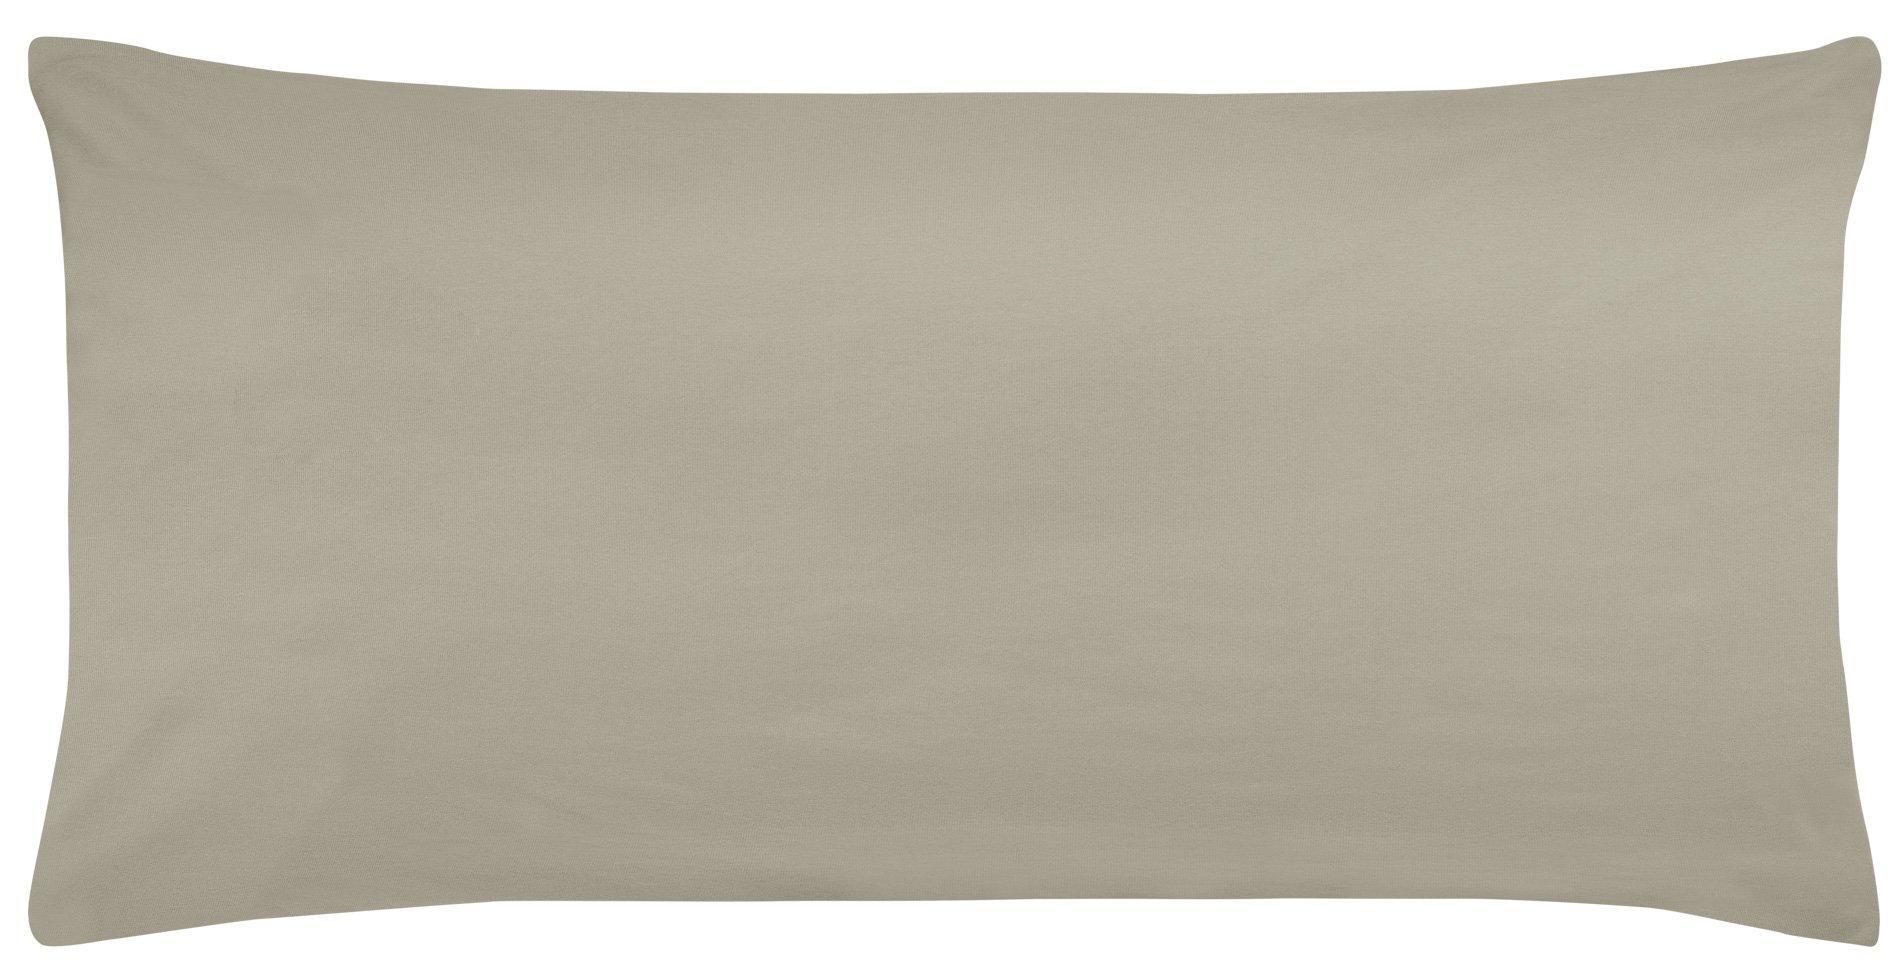 Edel-Zwirn-Jersey kiesel B40cm